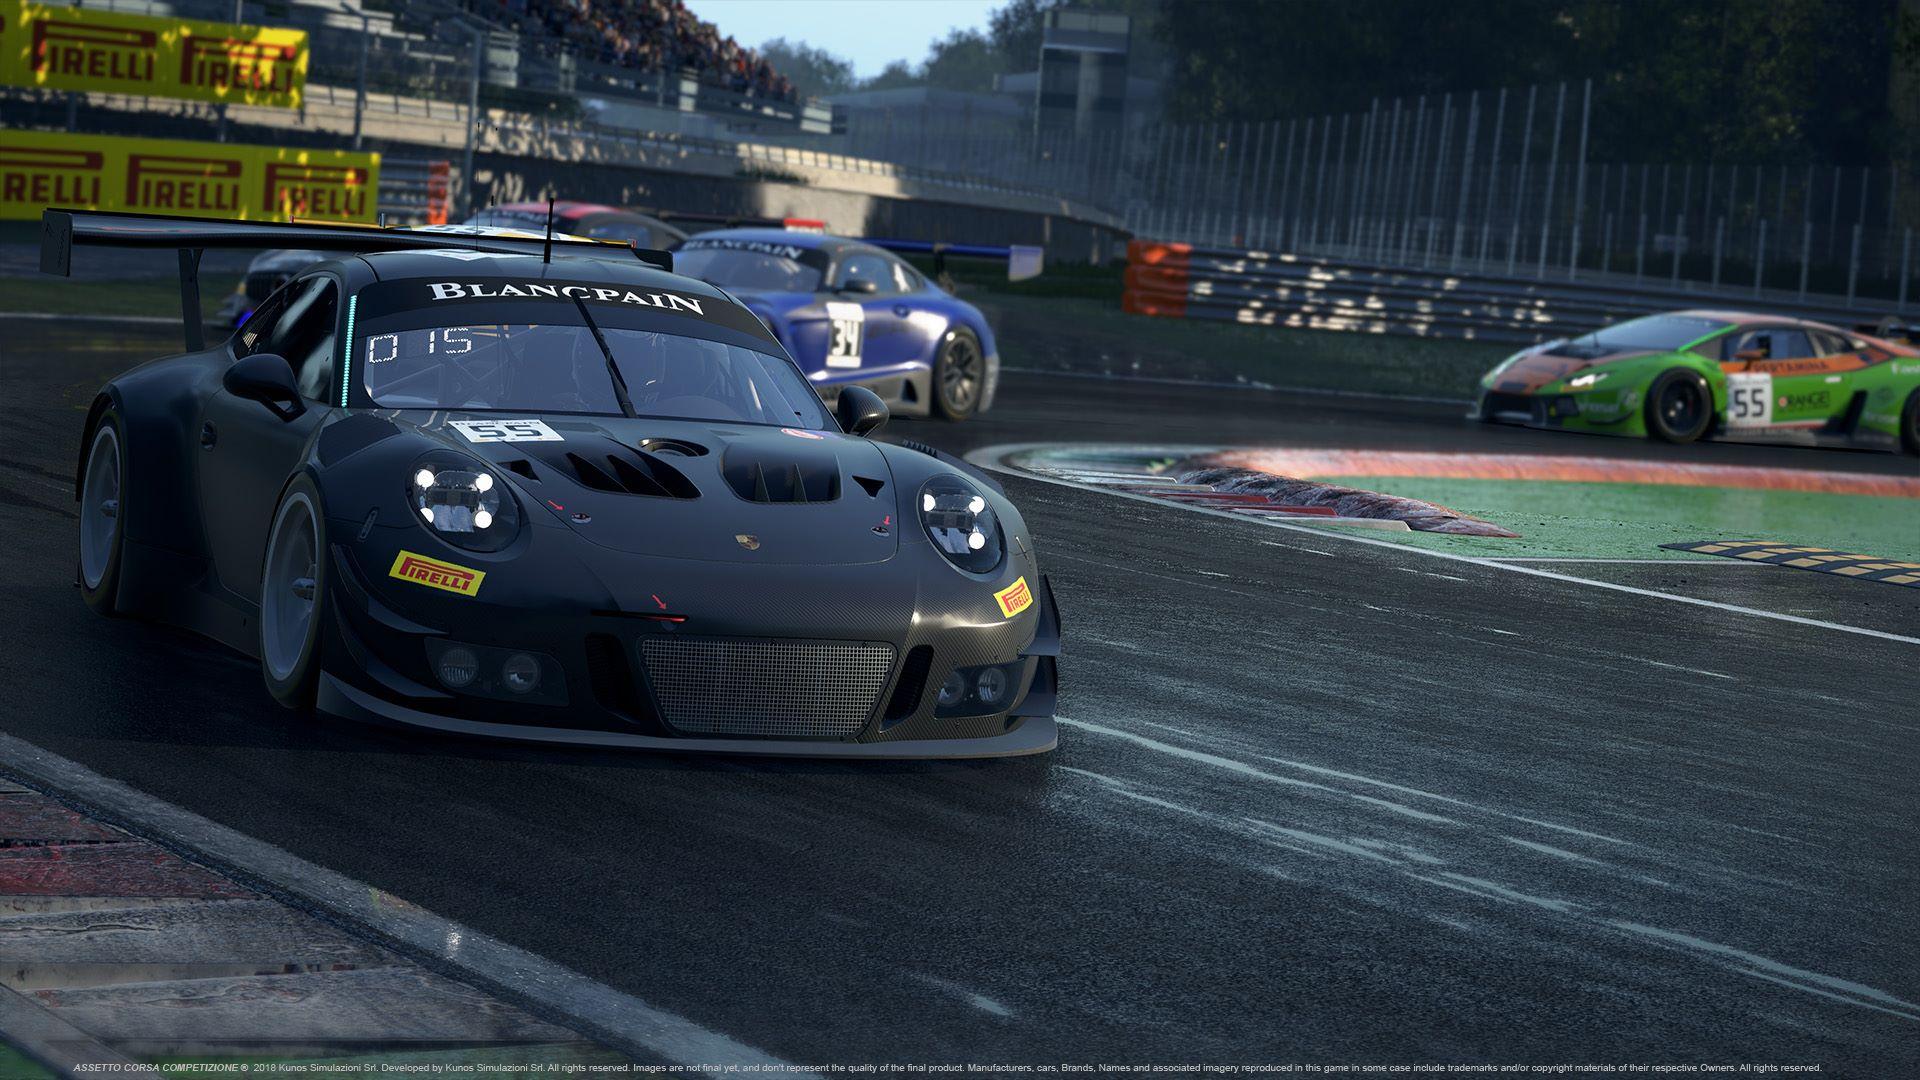 Jeux vidéo - Page 2 Assetto-competizione-3